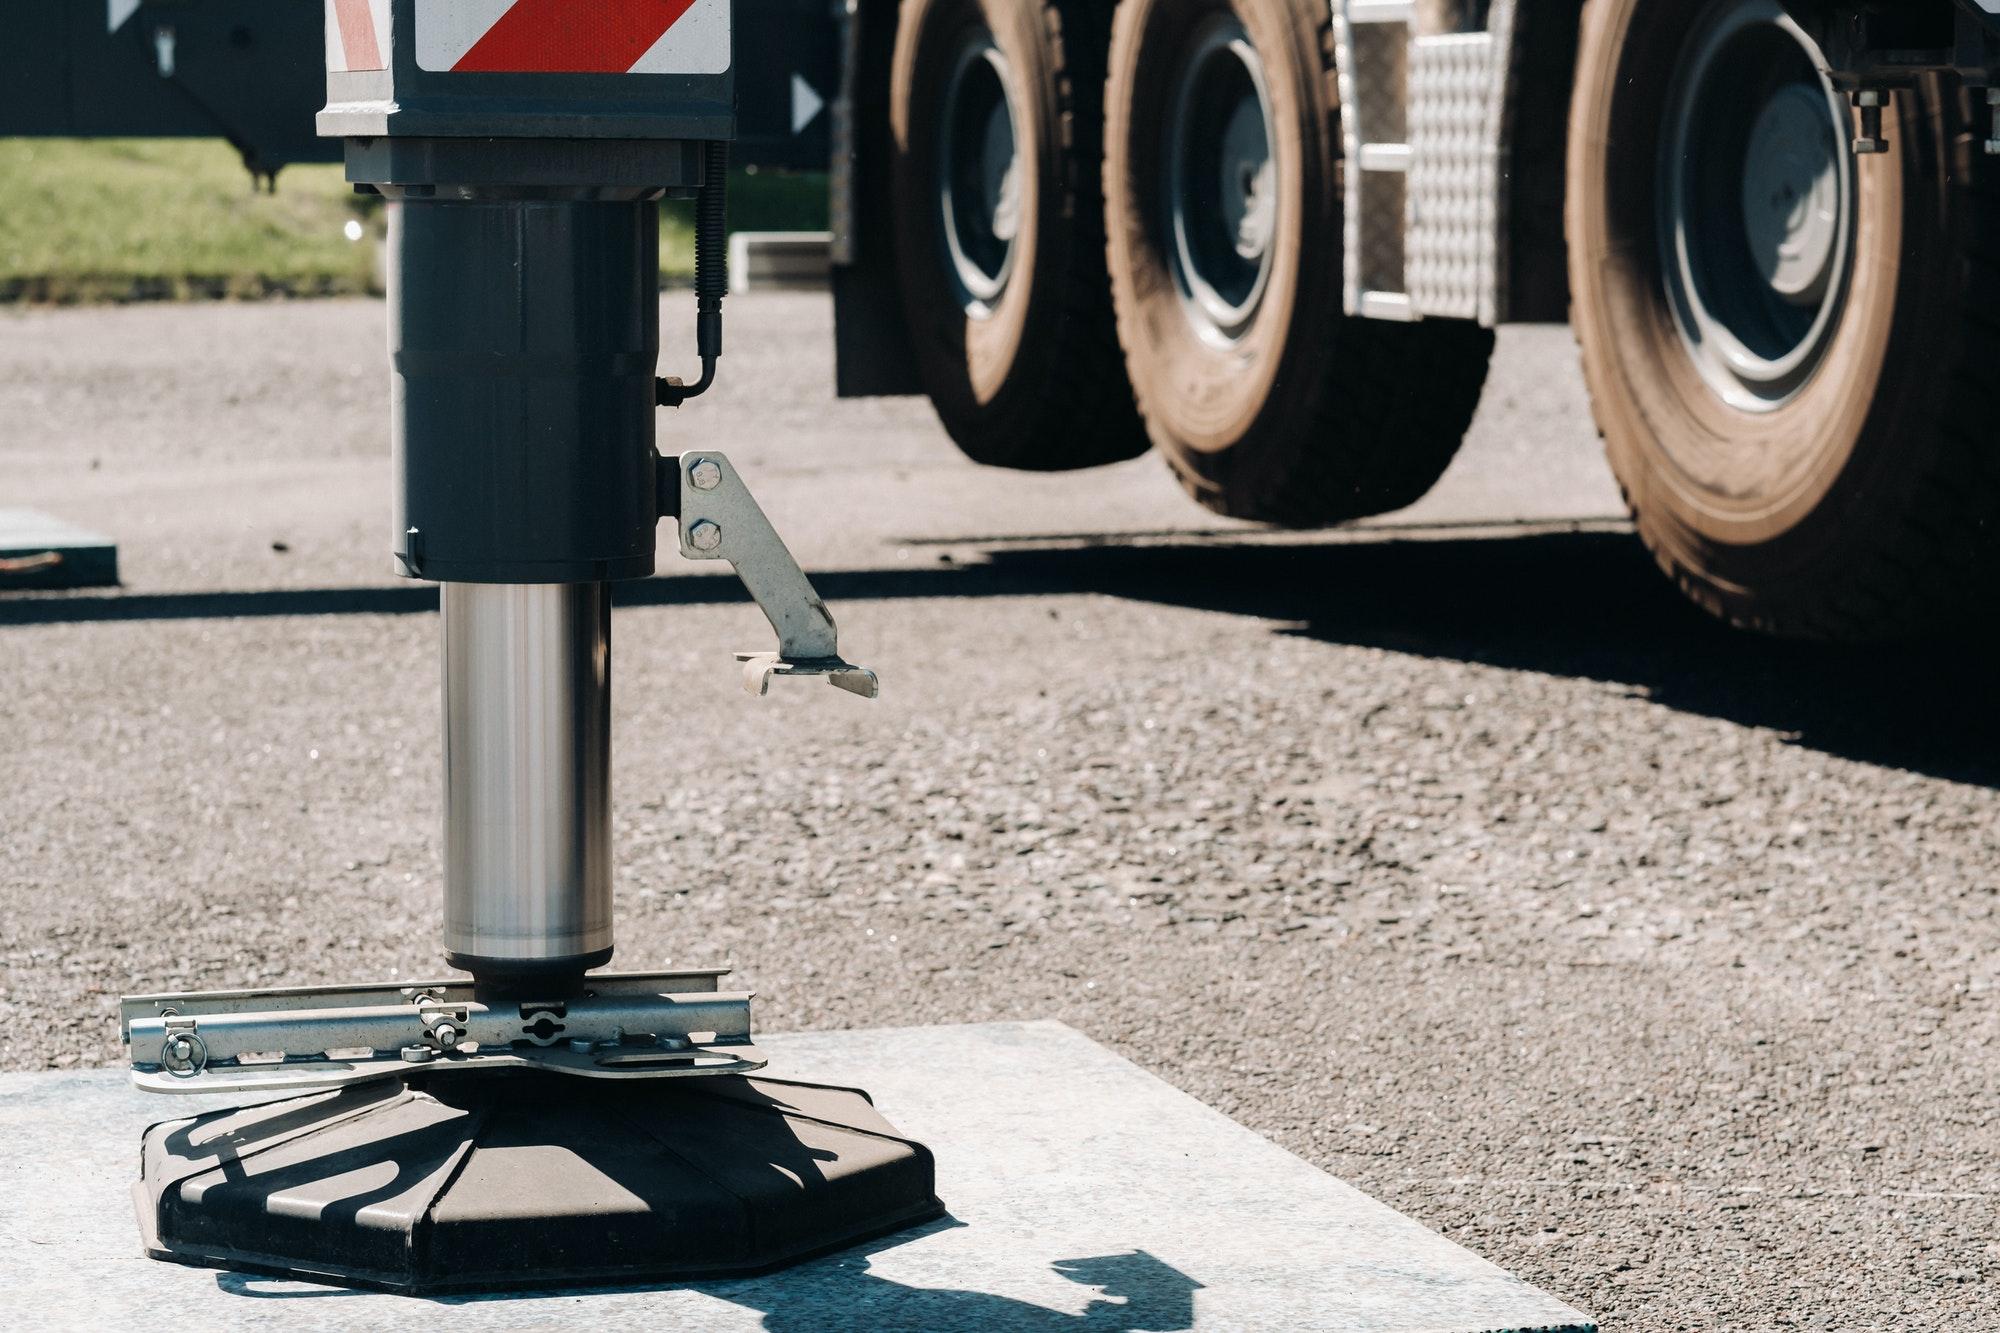 Hydraulikzylinder zur Stabilisierung eines Mobilkrans